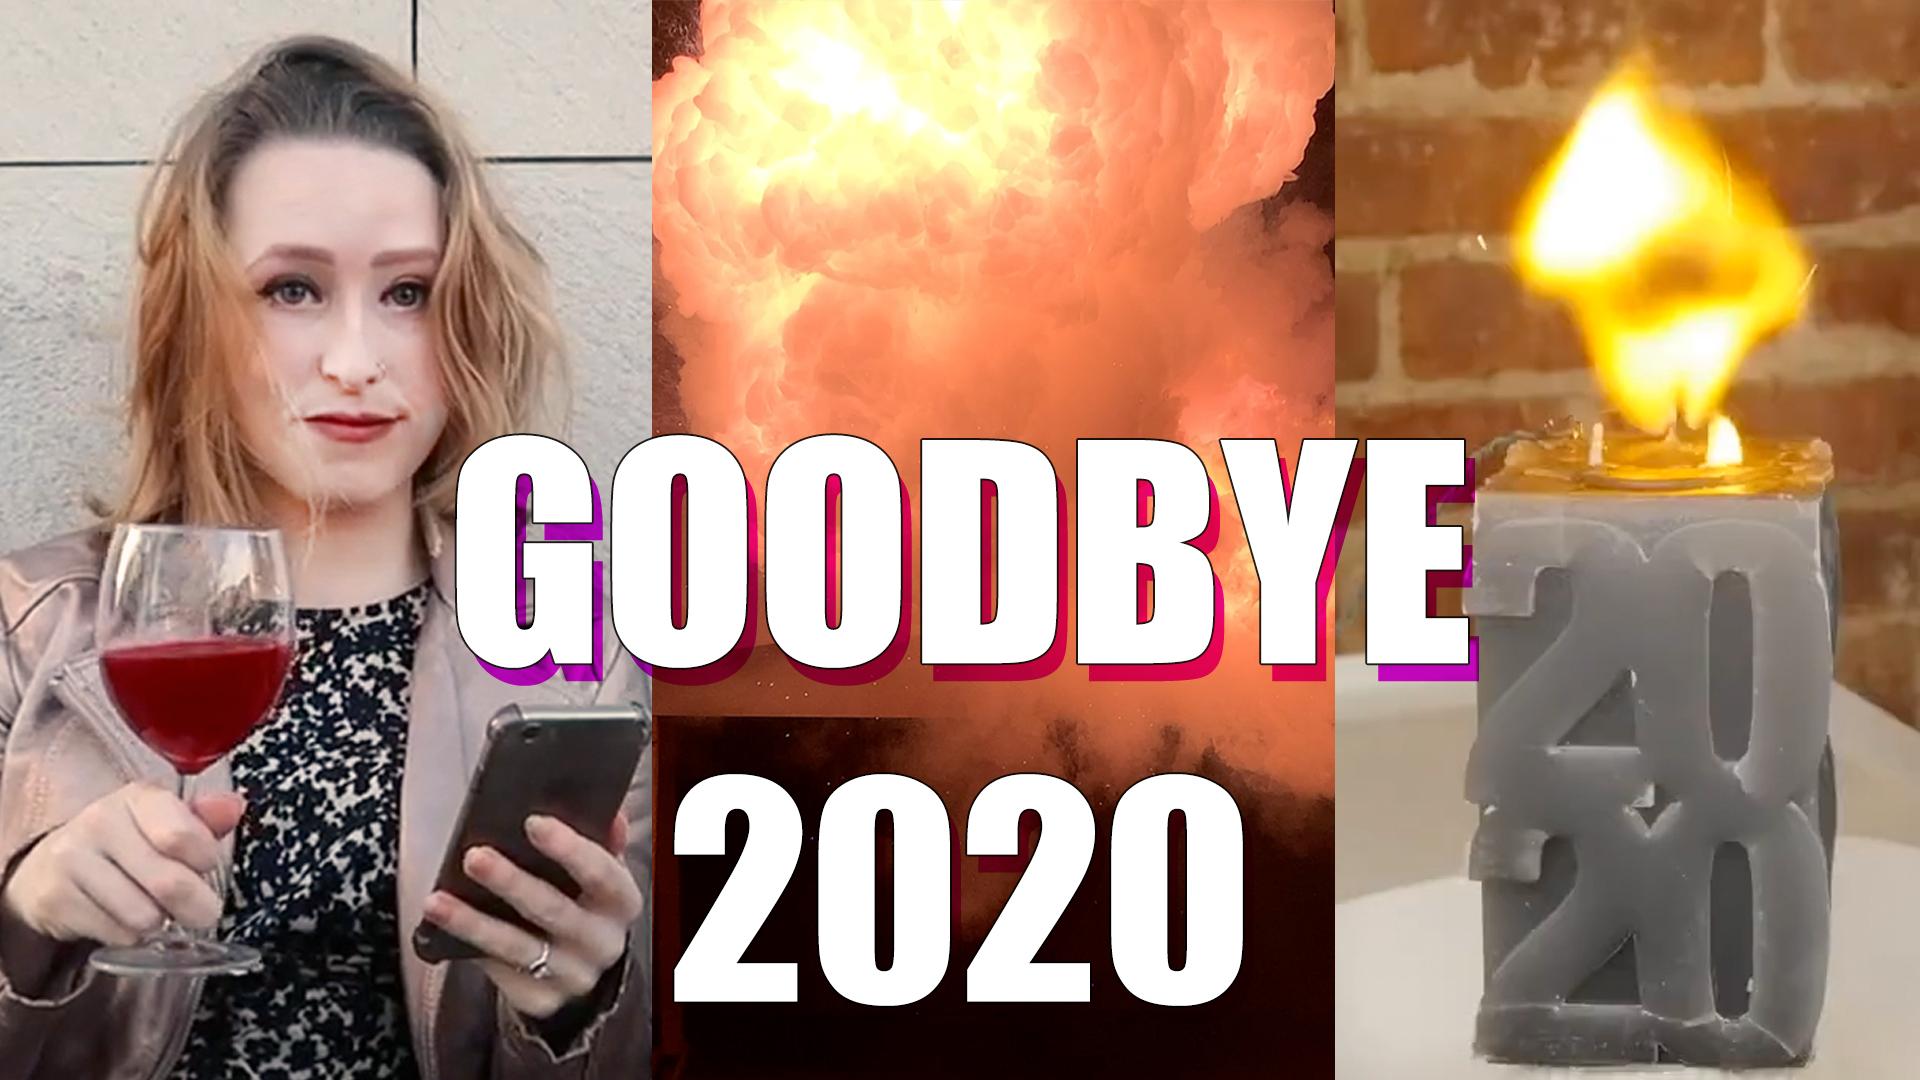 Burn 2020